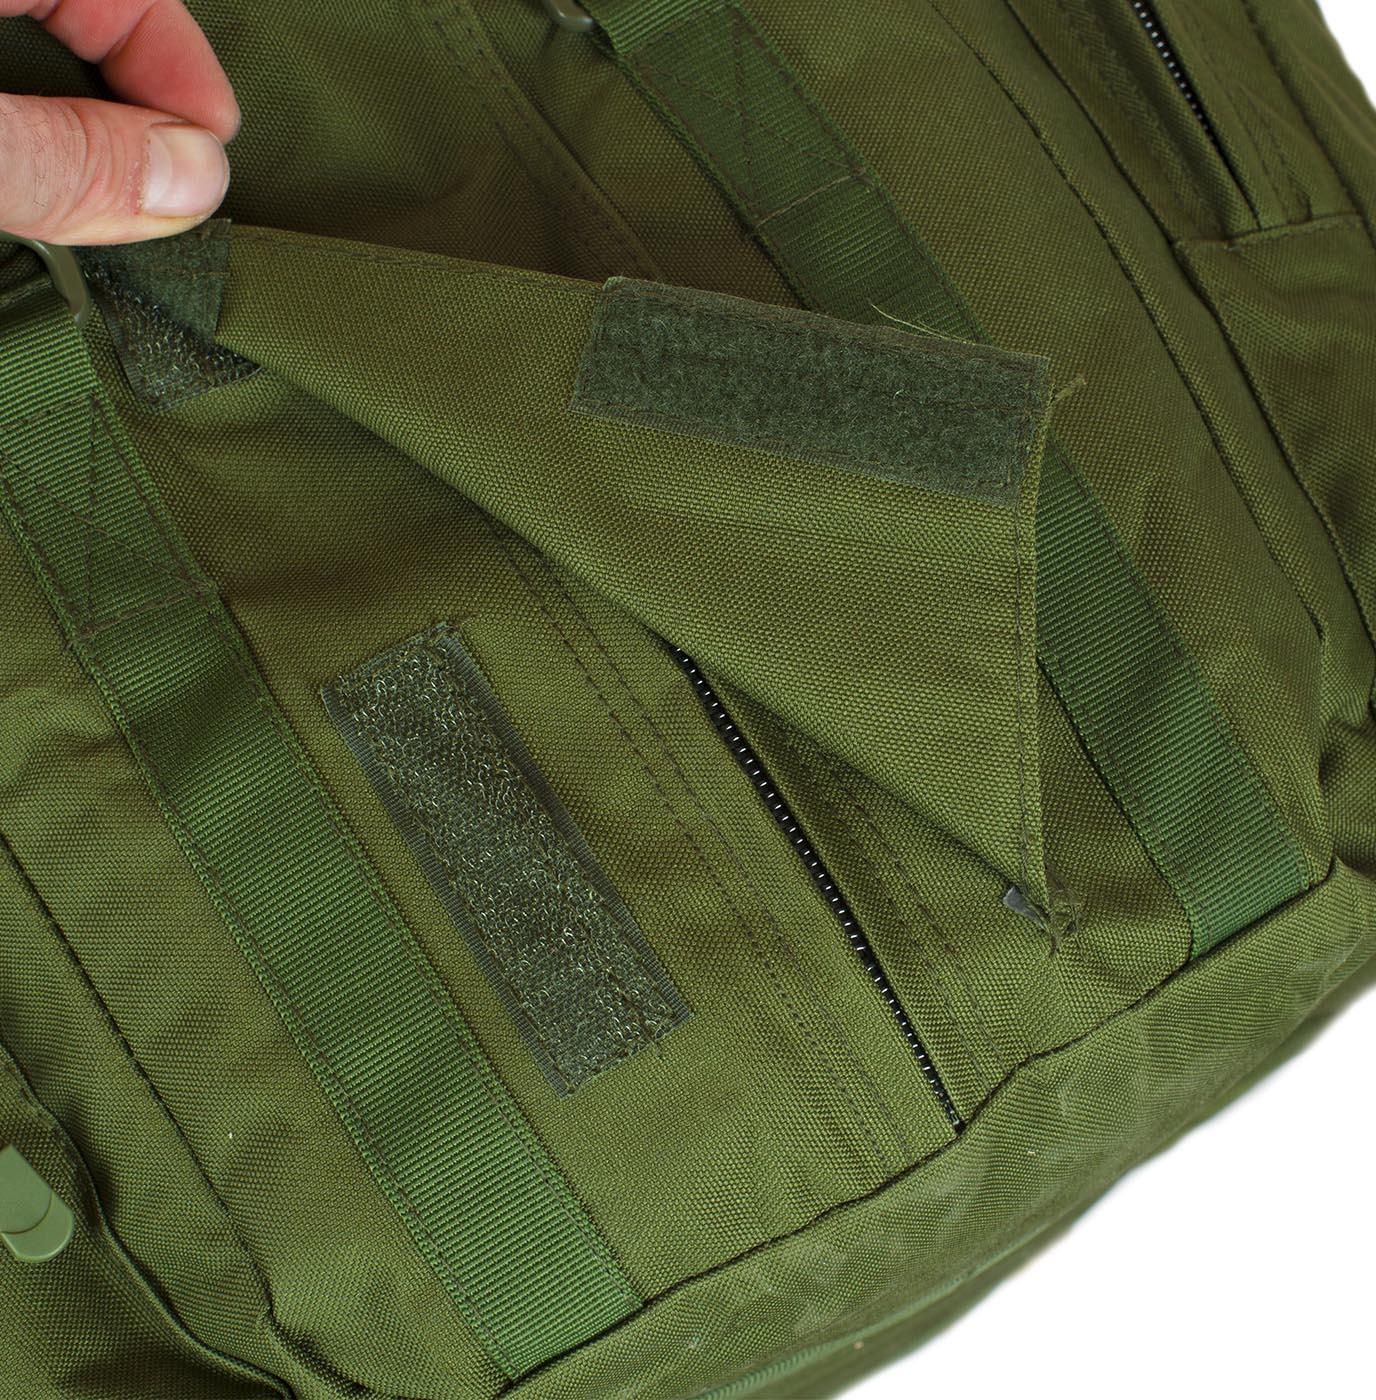 Тактическая сумка-рюкзак с нашивкой Эх, хвост, чешуя - заказать онлайн